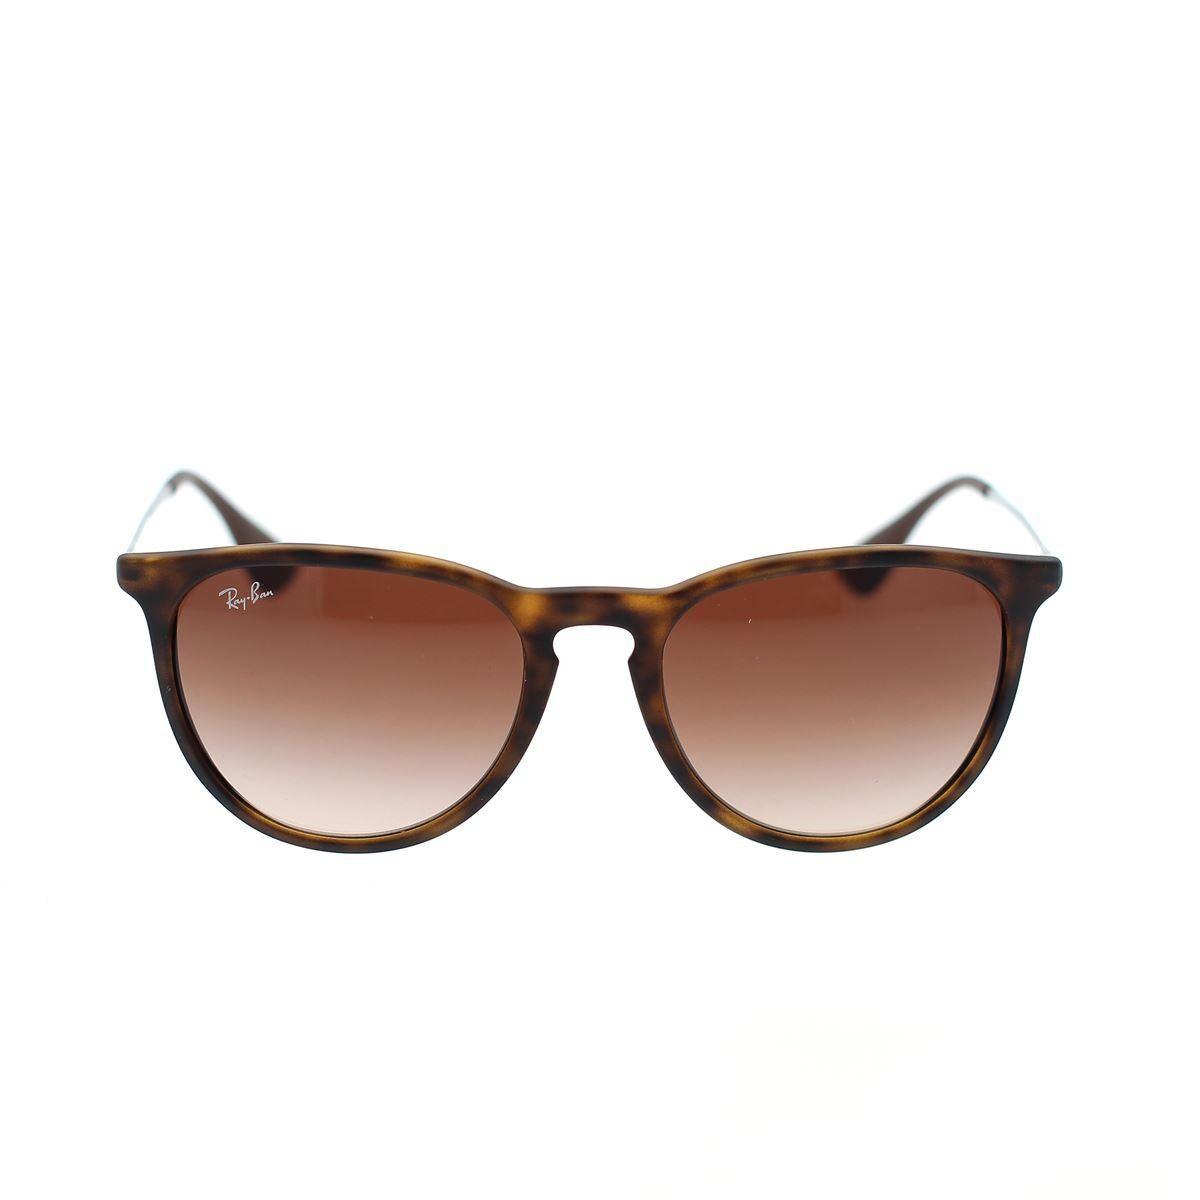 ray-ban occhiali da sole erika rb4171 865/13